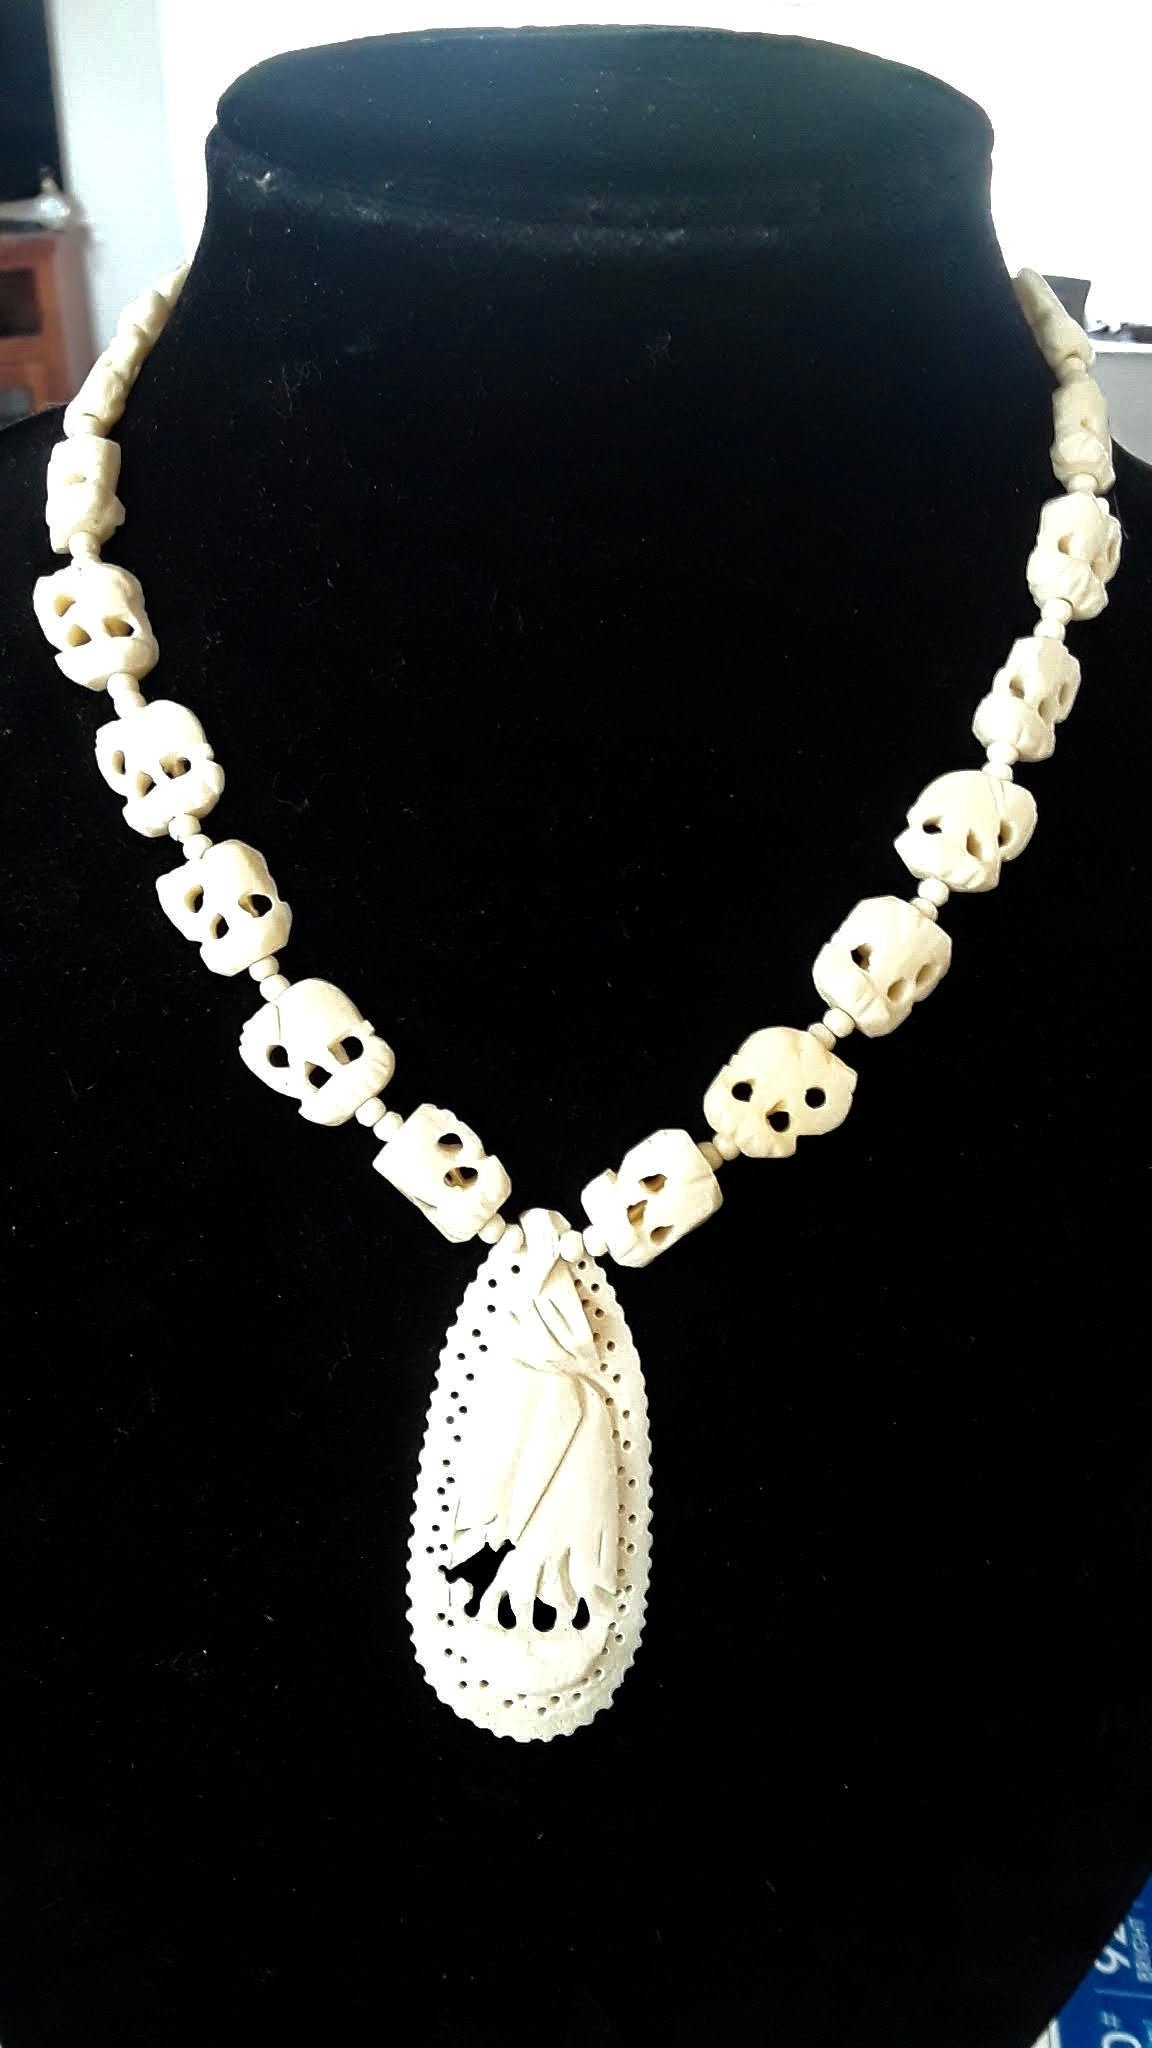 Vintage Carved Elephant Necklace Pendant Ivory Color Carved Bone Vintage 1950s Or Older Estate